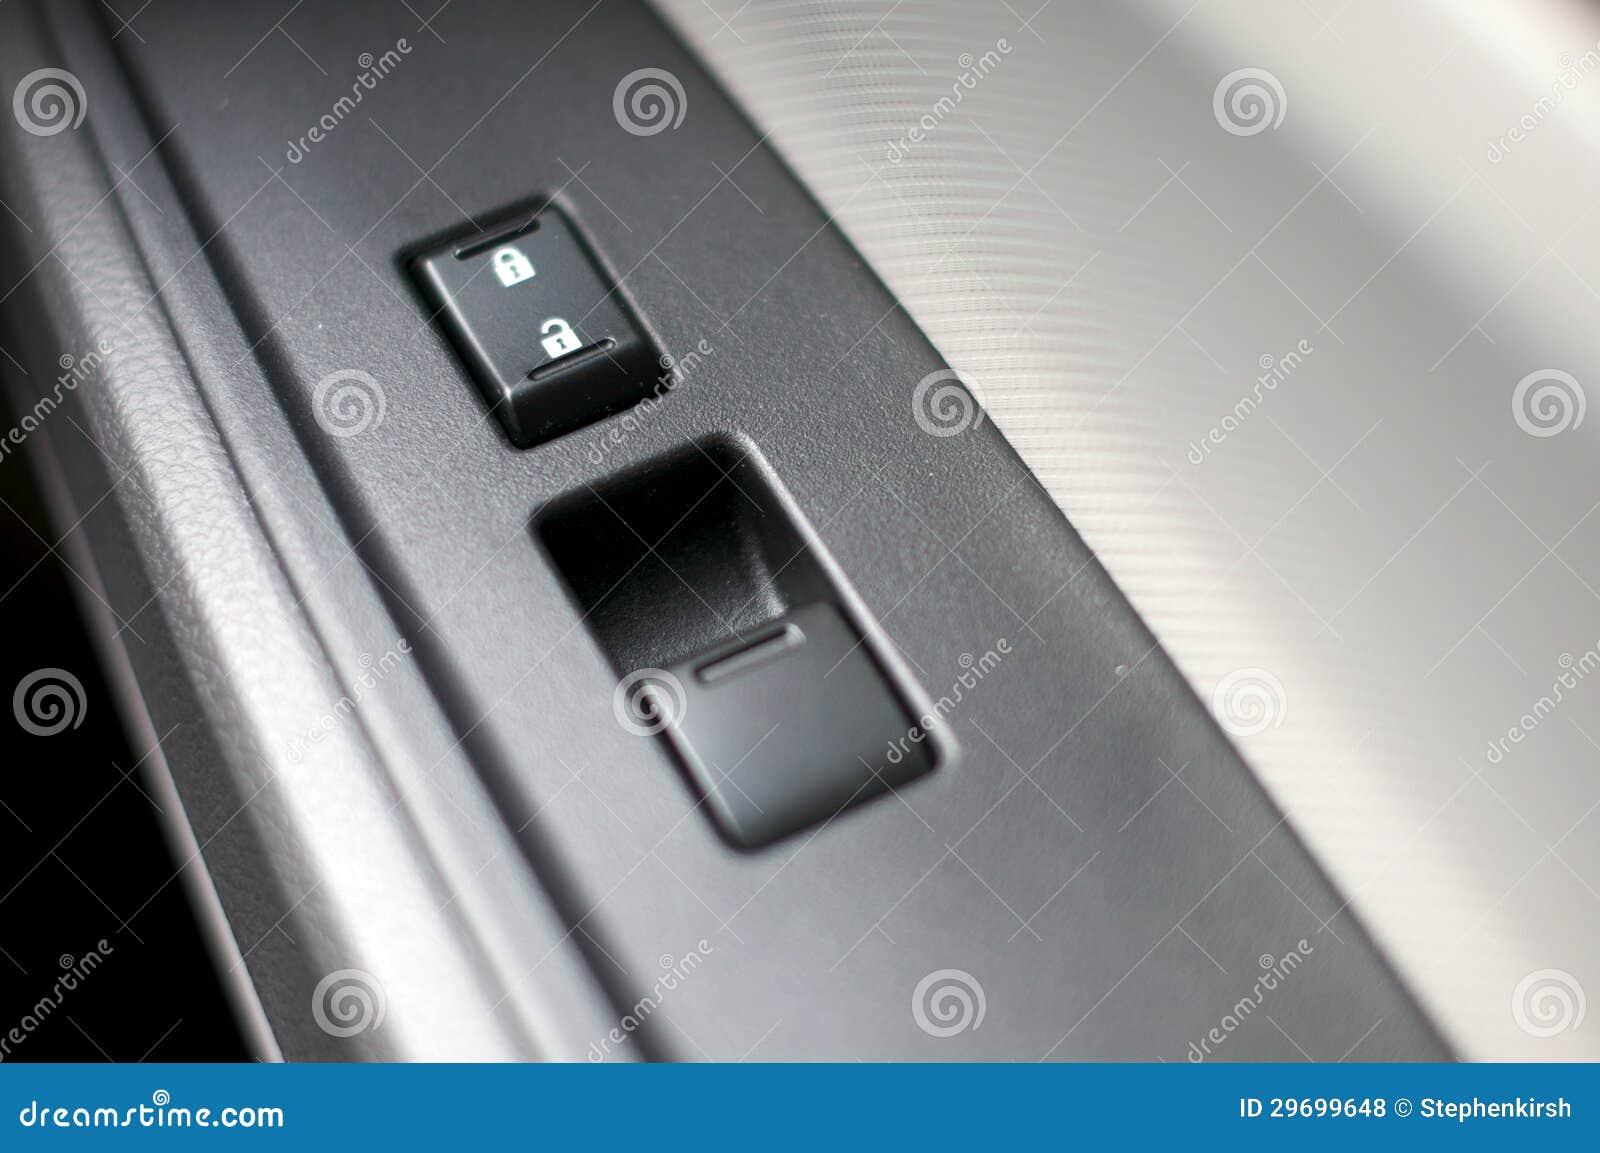 Auto, Automobil, Knopf, Auto, Steuerung, Entwurf, Detail, Gerät, Tür ...